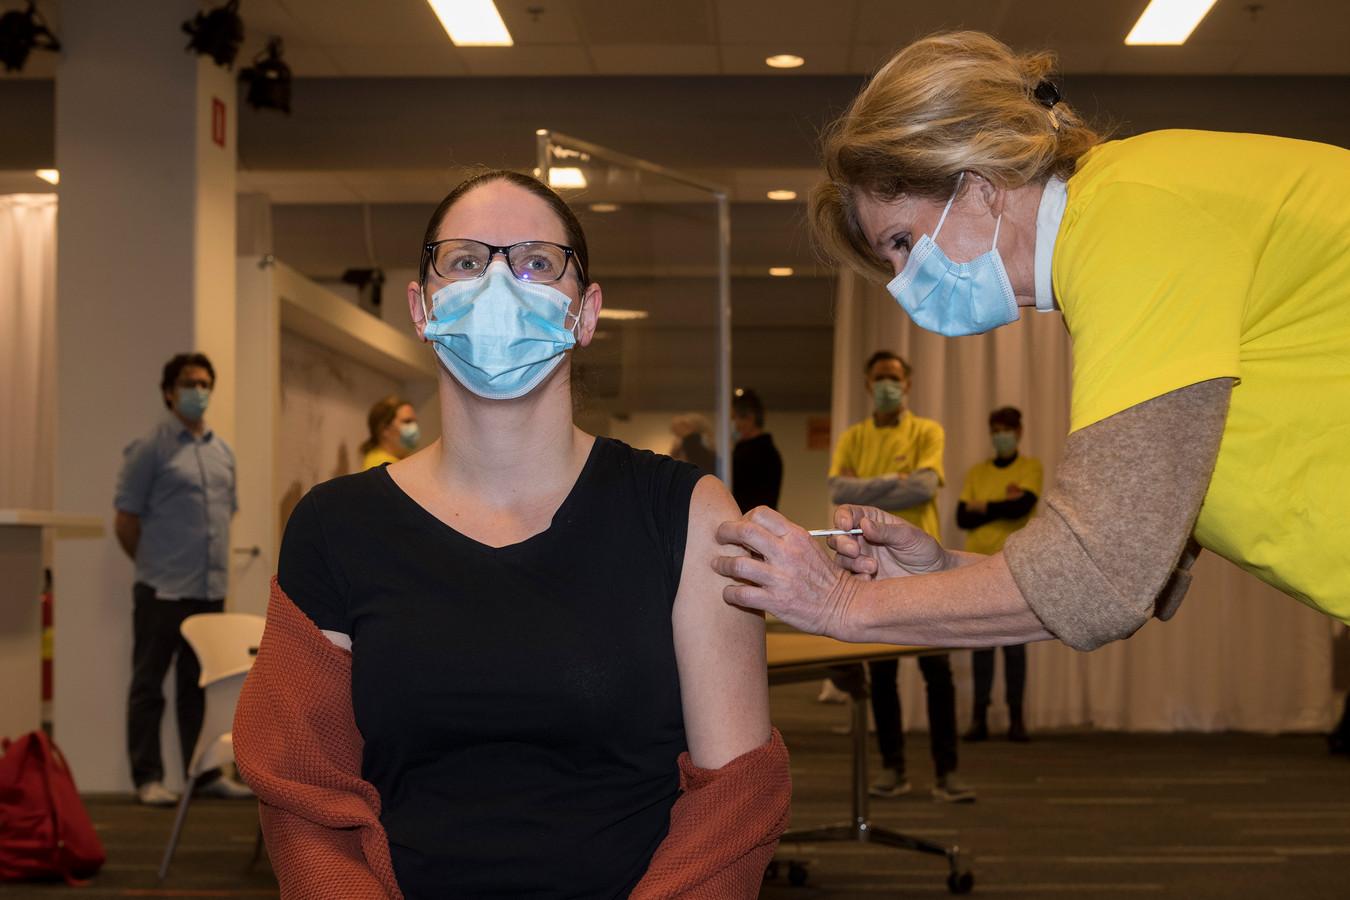 Danielle Volman van zorginstelling Pleyade krijgt als eerste het vaccin toegediend in de vaccinatielocatie van de GGD op Papendal bij Arnhem.